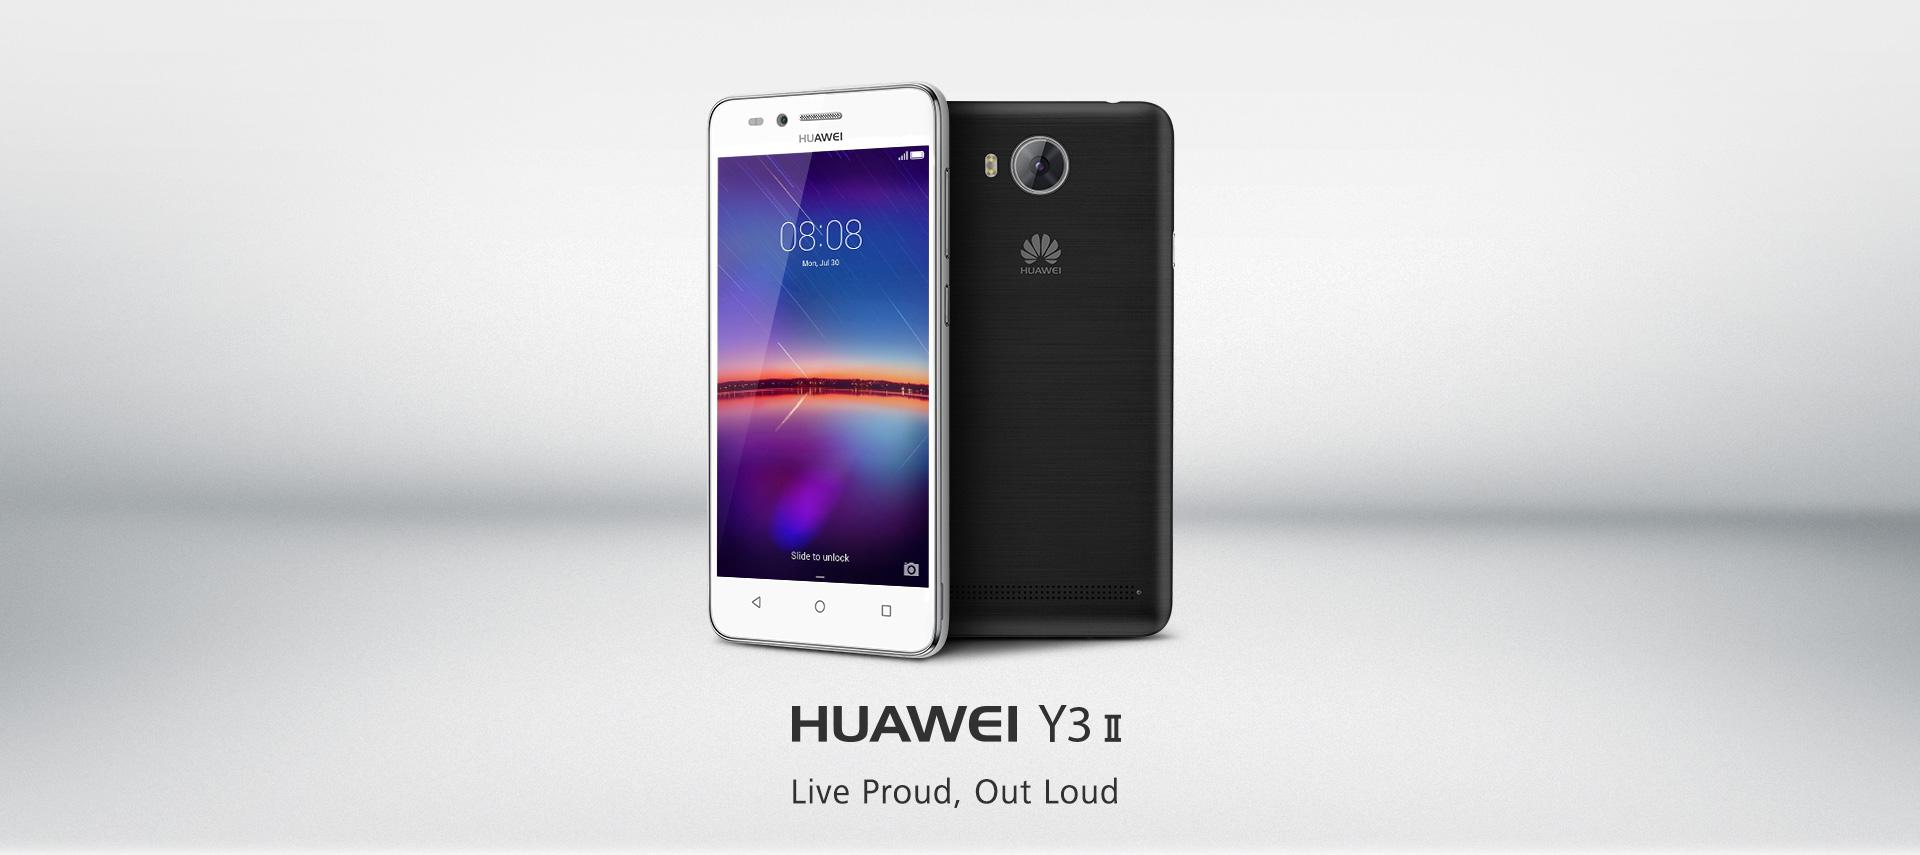 ह्वावेले वाइ थ्री टू नेपाली बजारमा ल्यायो, इन्ट्री लेभलको स्मार्टफोन